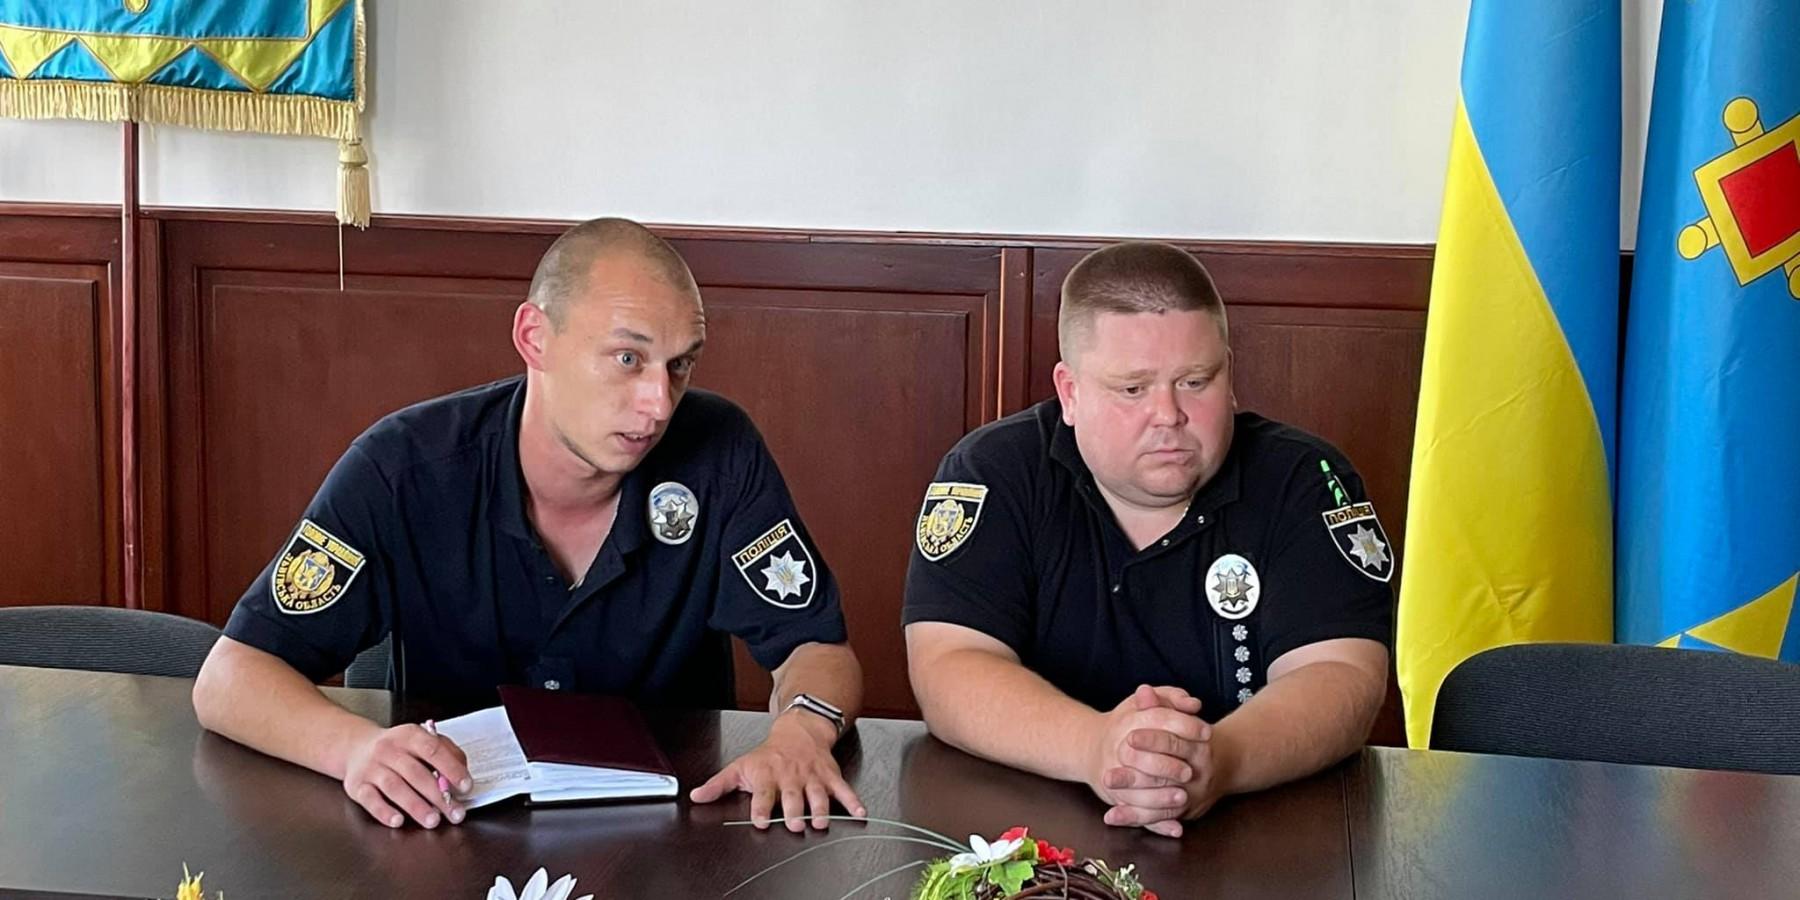 Зустріч поліцейських громади із старостами округів.